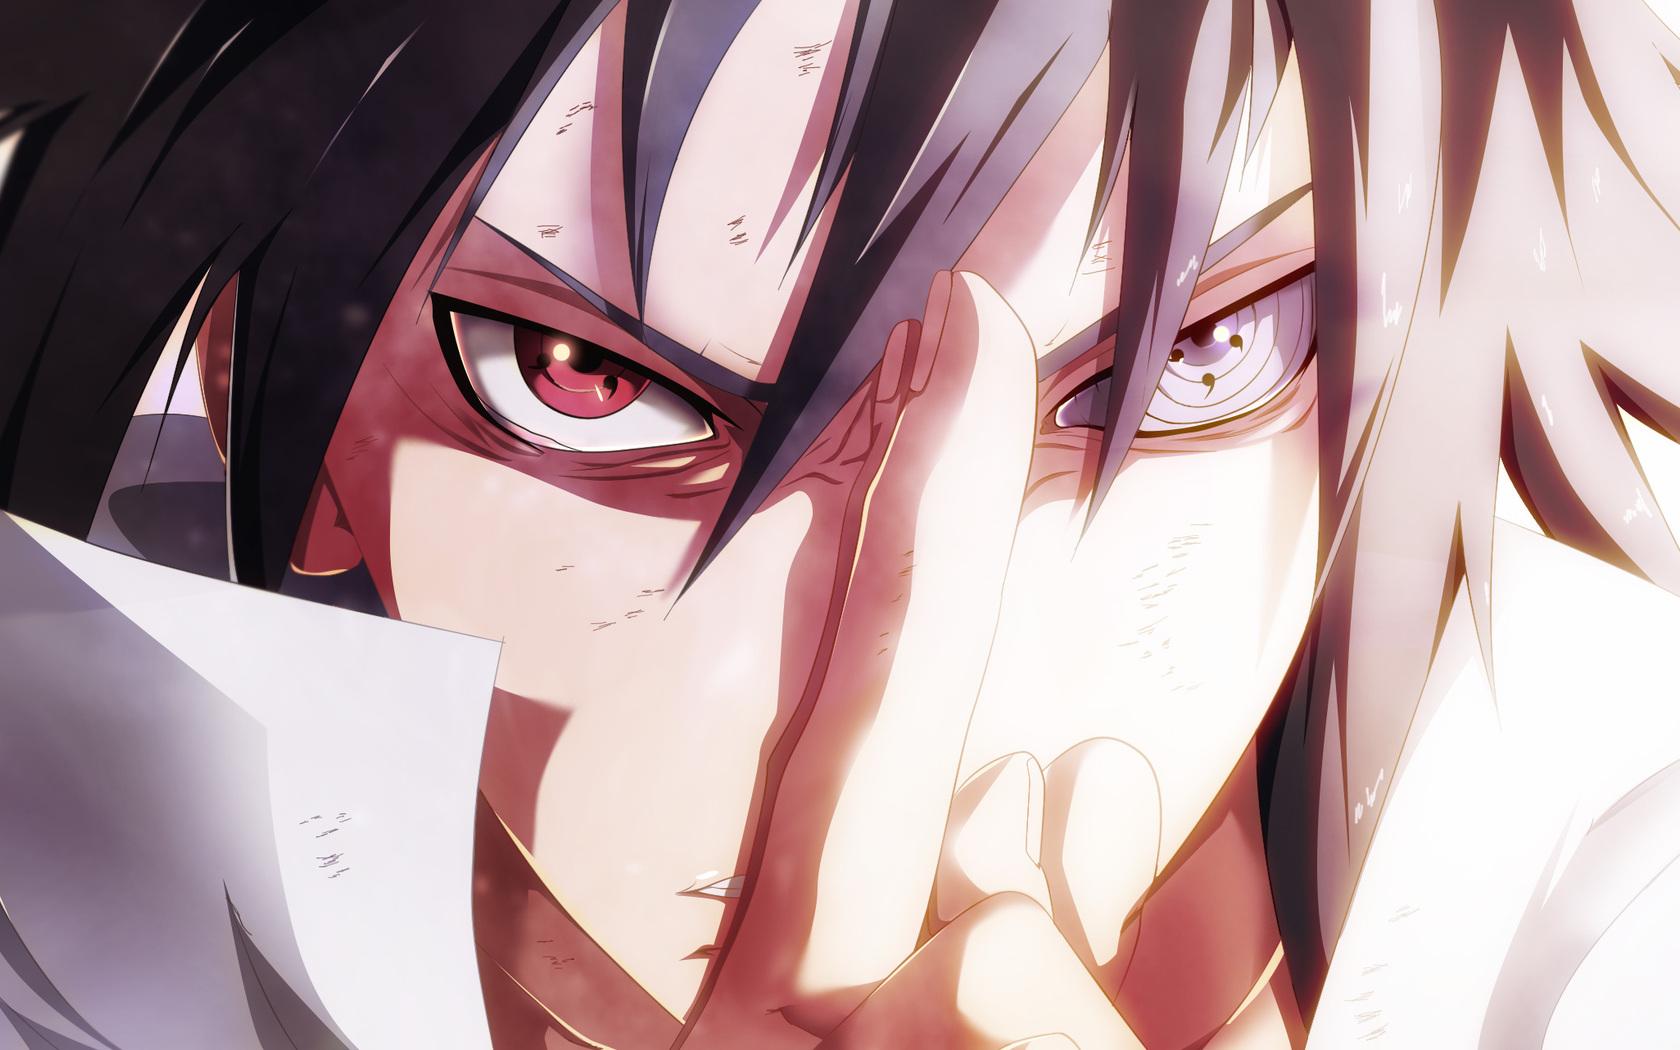 1680x1050 Sasuke Uchiha Naruto 1680x1050 Resolution Hd 4k